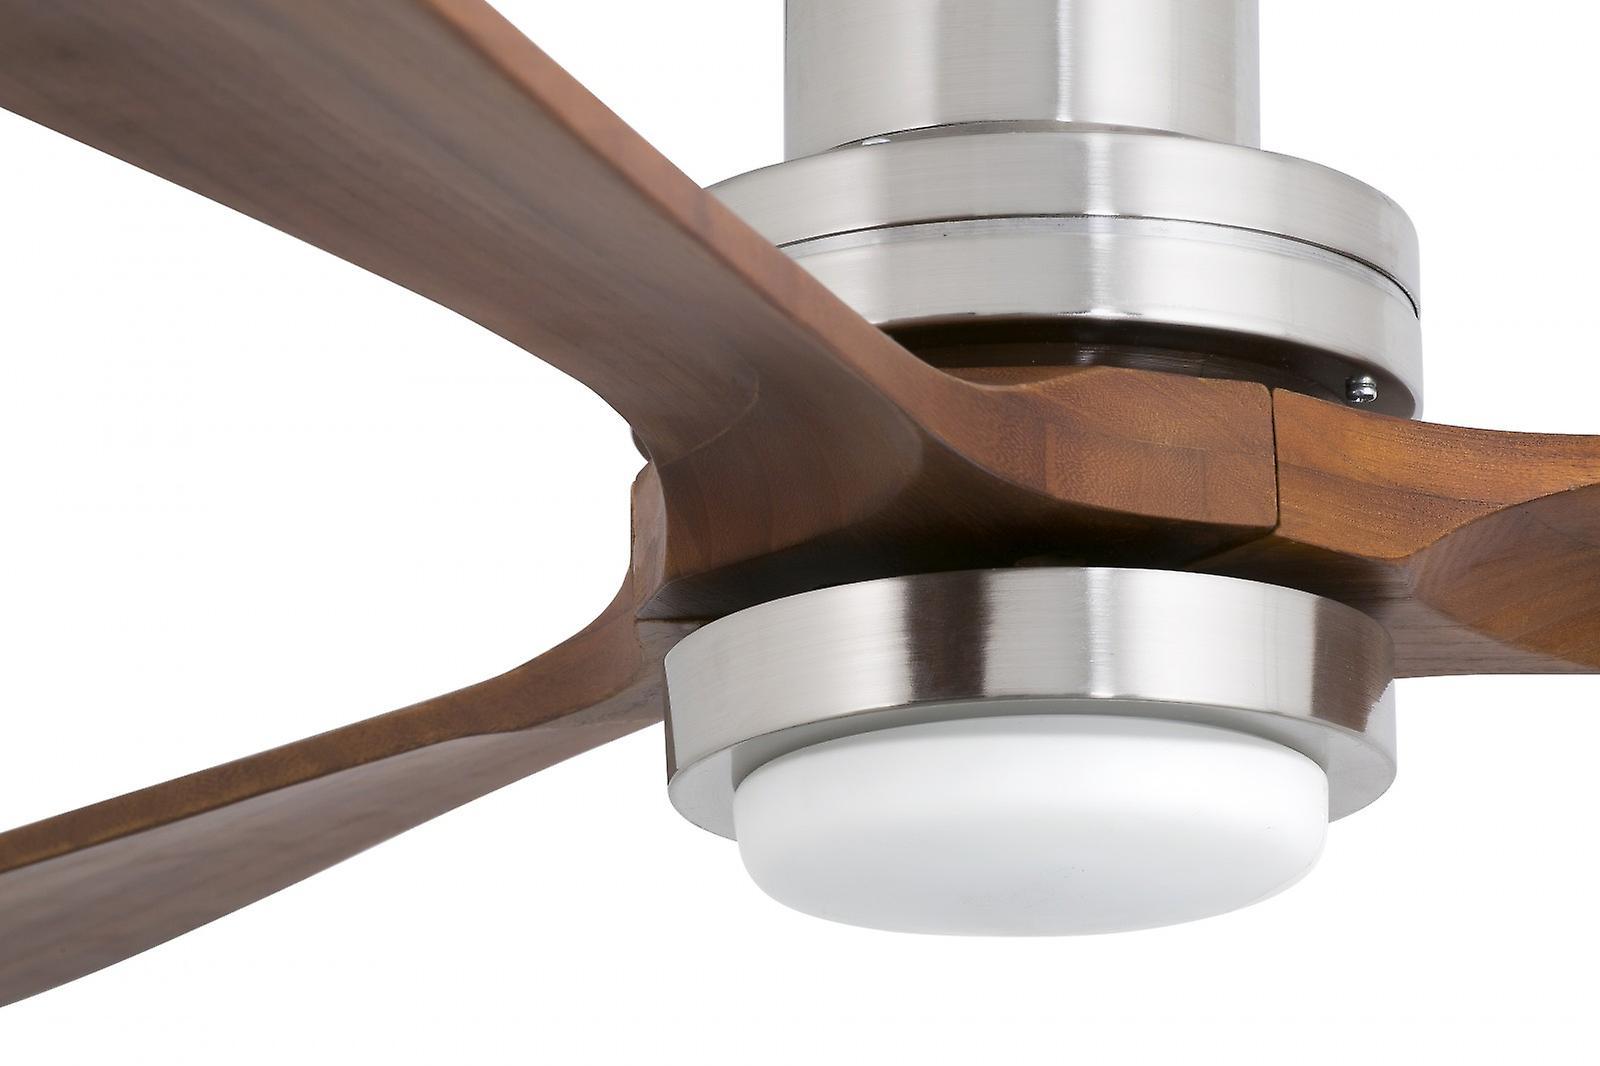 Faro LED ceiling fan Lantau-G 168cm / 66